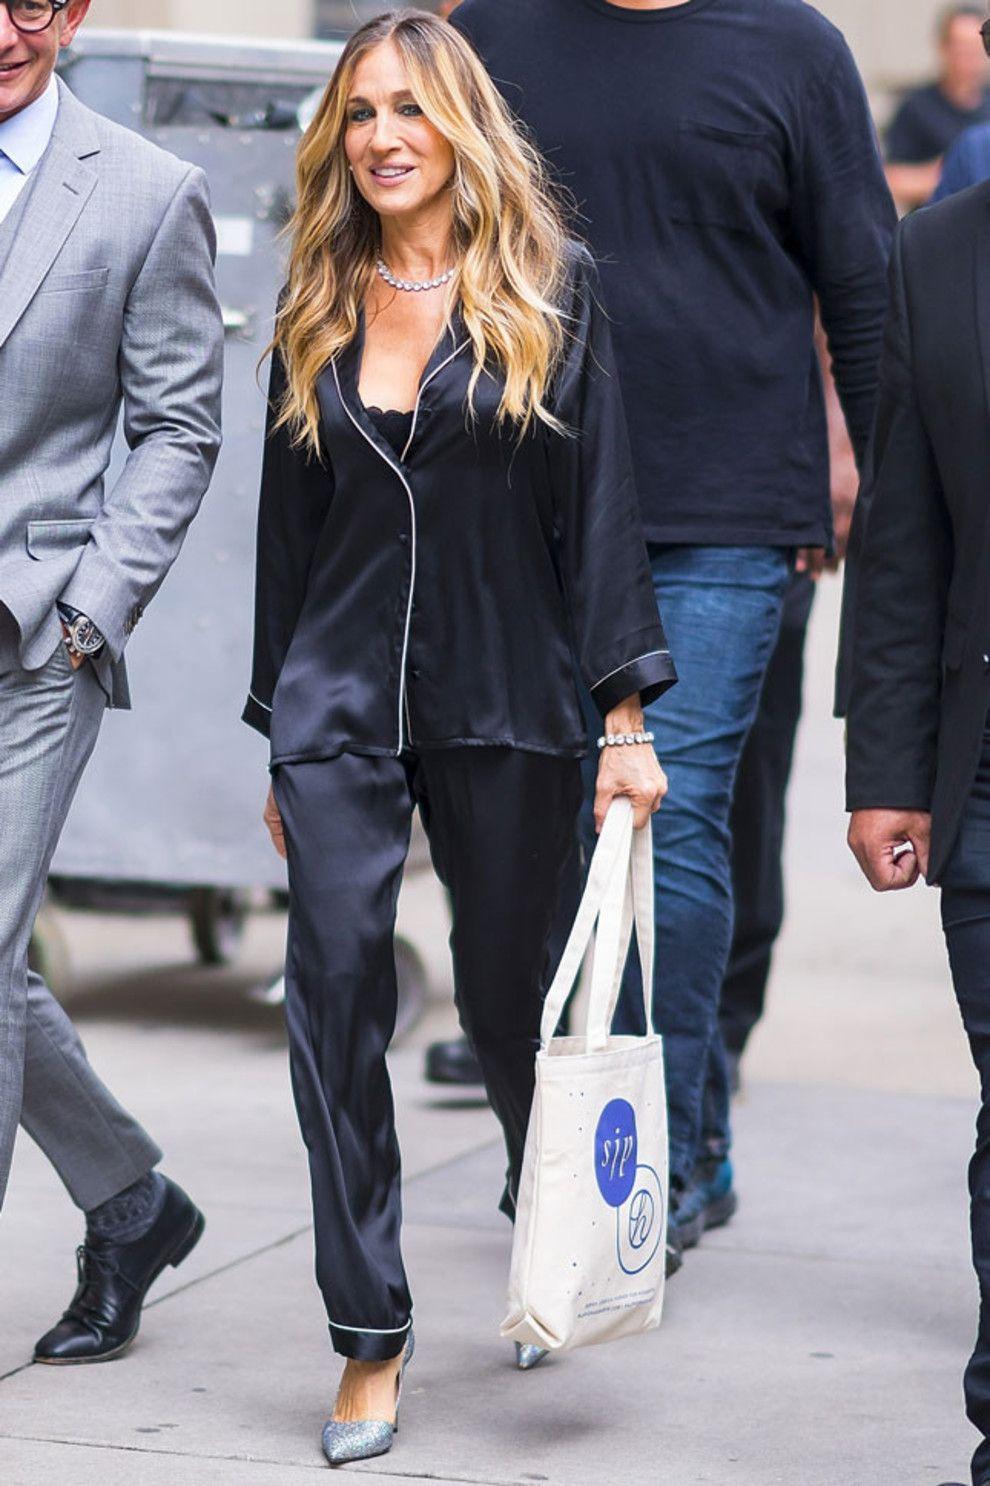 В пижаме и с голой грудью: Сара Джессика Паркер покорила Нью-Йорк новым выходом - фото 388531